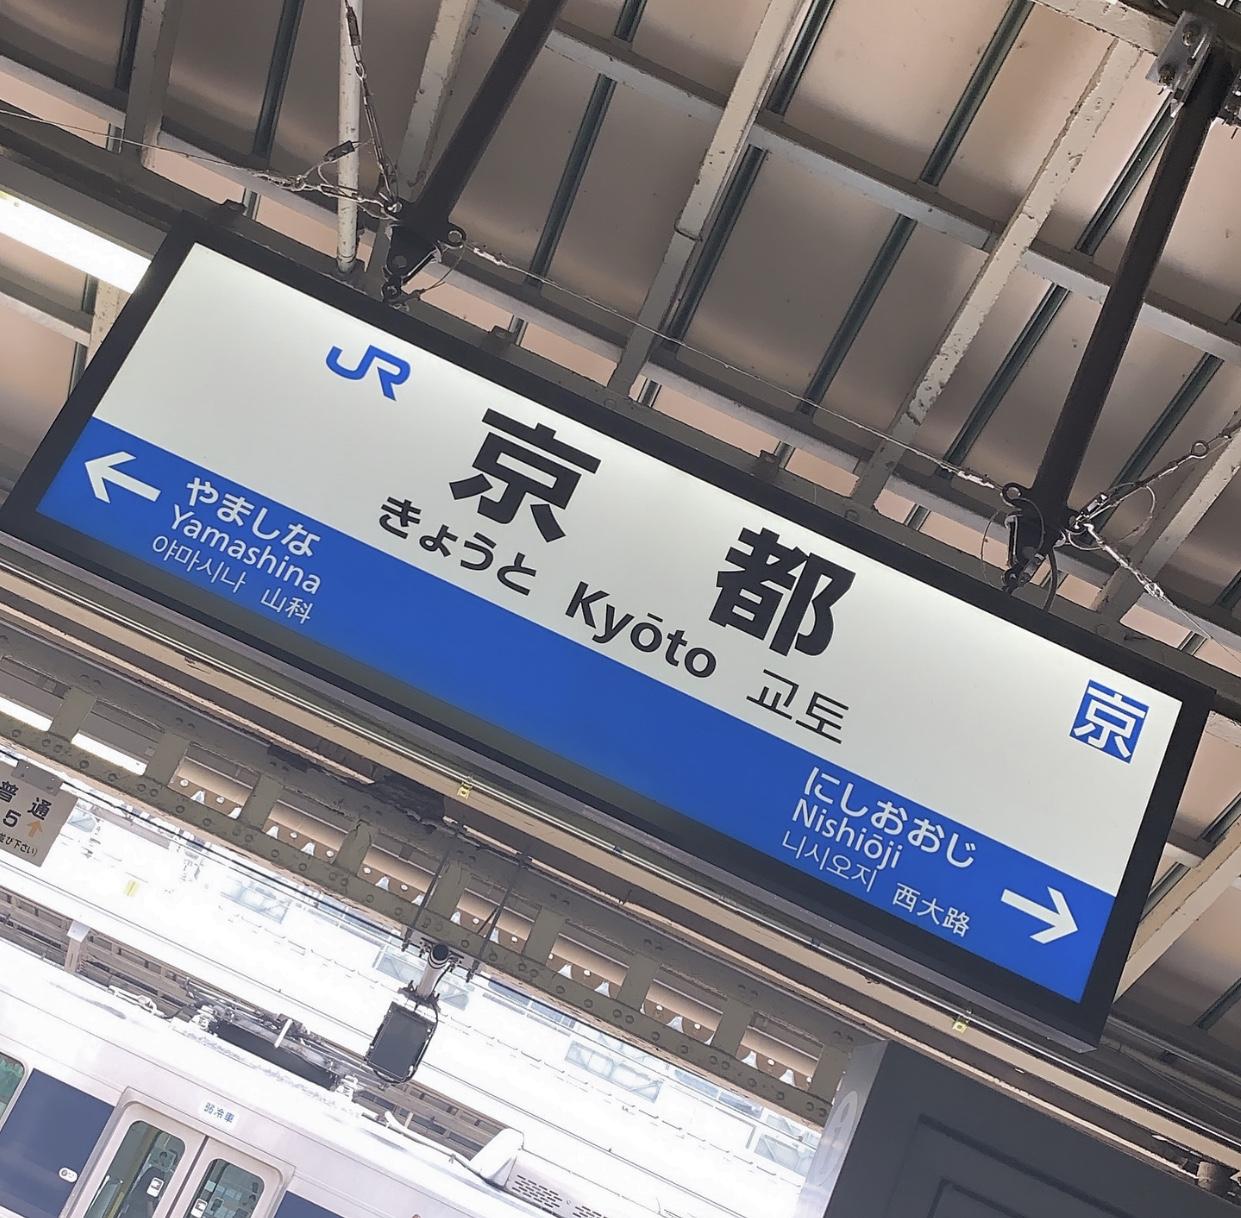 【京都】神社巡り✩*॰SNSの映えスポット!?カラフルなくくり猿に願いを込めて♡_4